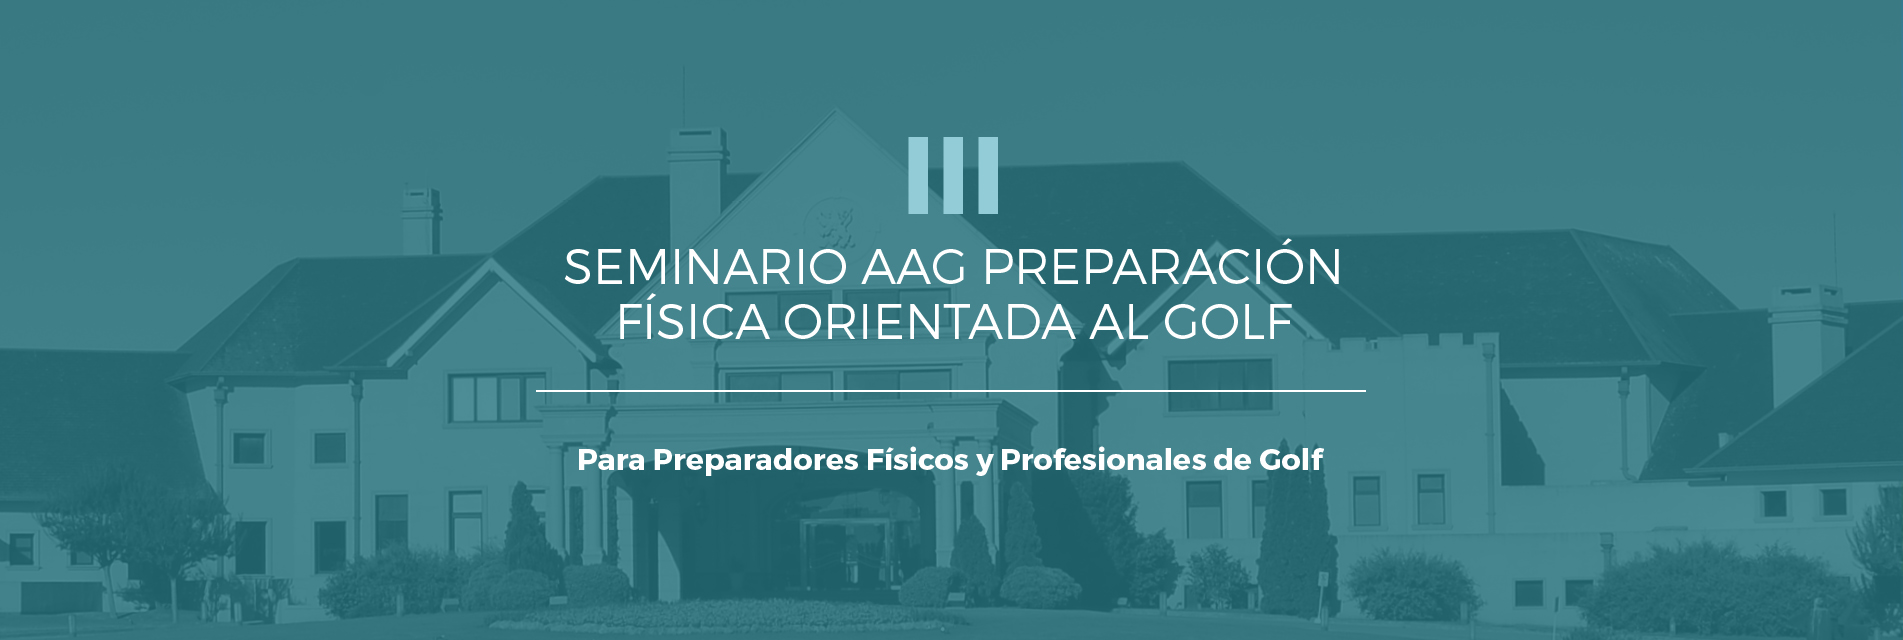 slide home_Jornadas preparacion fisica